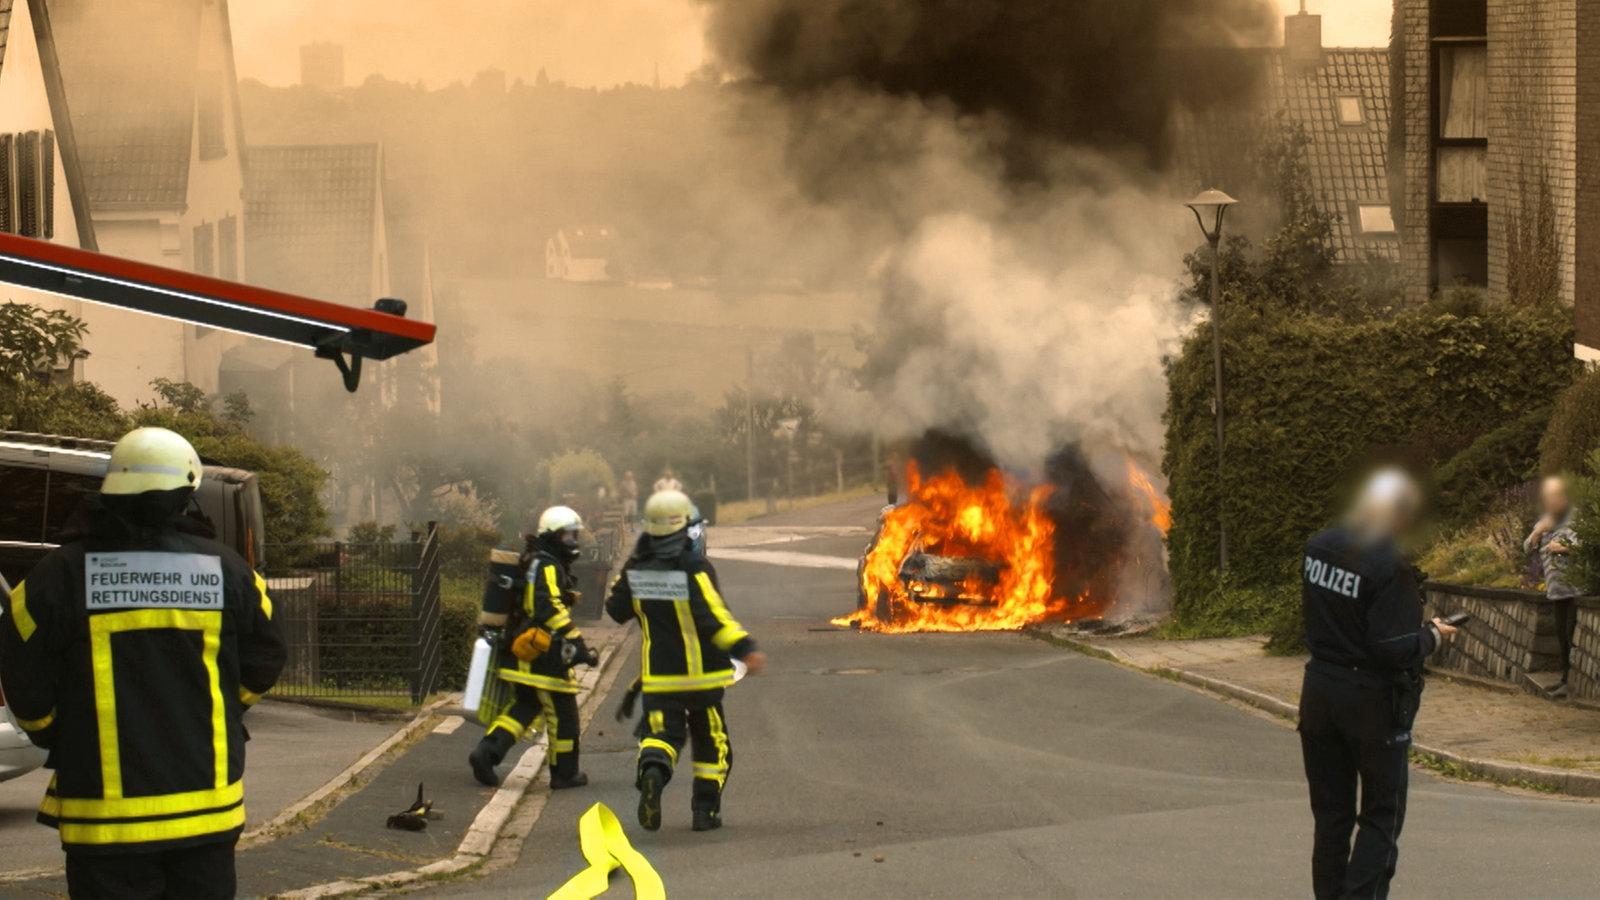 Feuer Und Flamme 2021